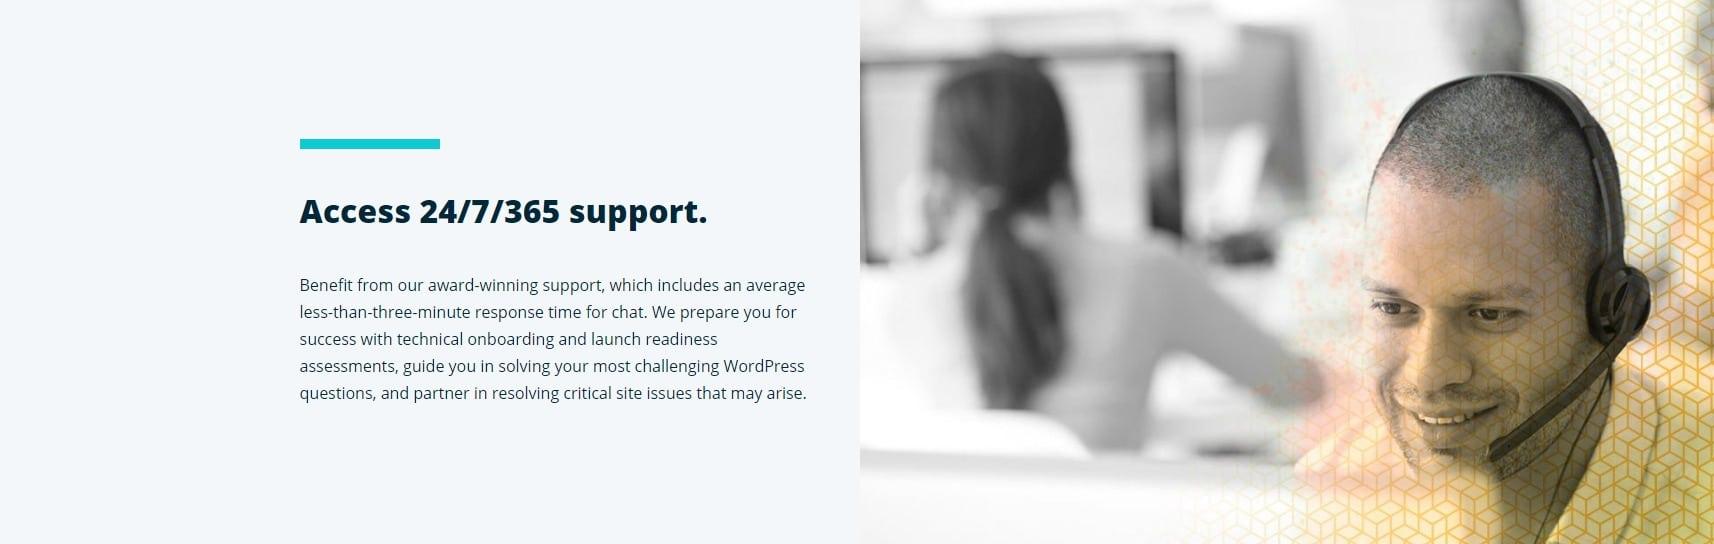 support WooCommerce WP engine